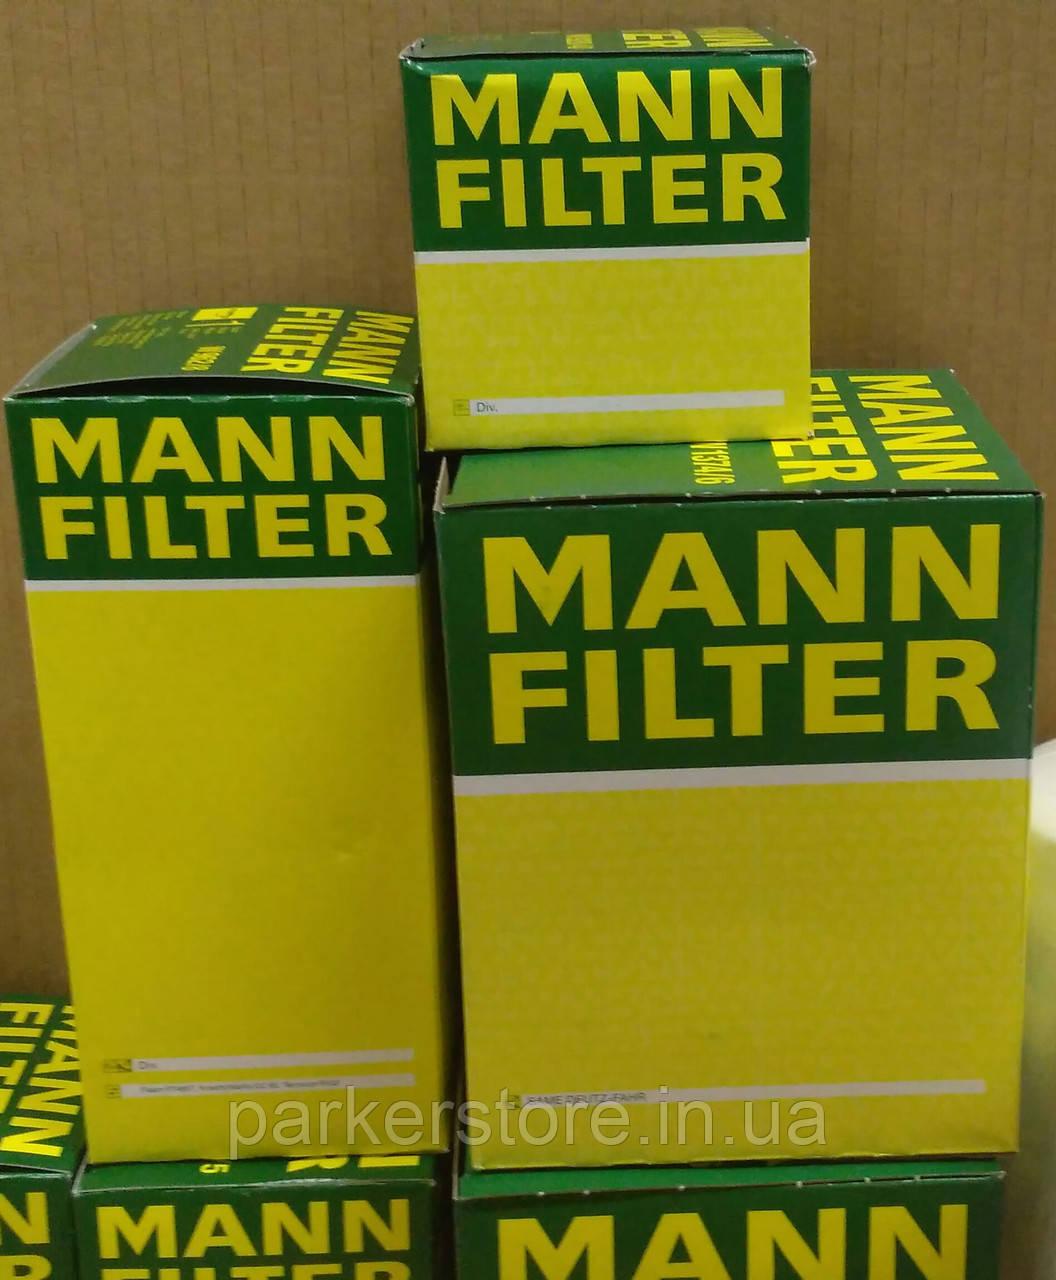 MANN FILTER / Повітряний фільтр / C 16 335 / C16335